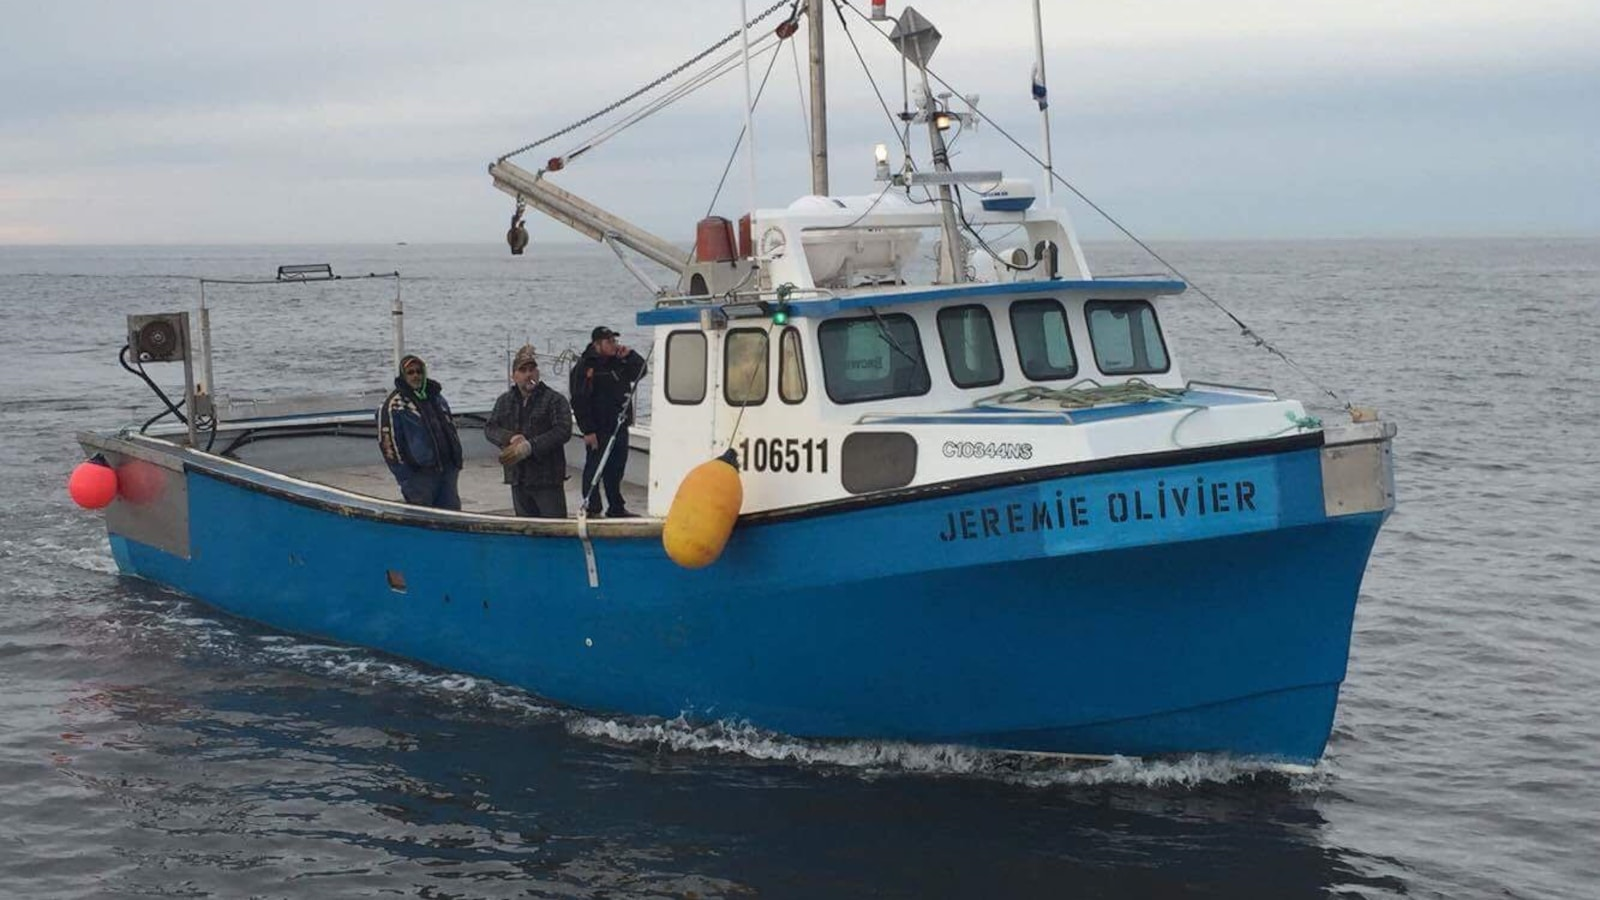 Sur le pont, on aperçoit le capitaine Christian Duguay et ses membres d'équipage, Serge Gionet et Hector Haché